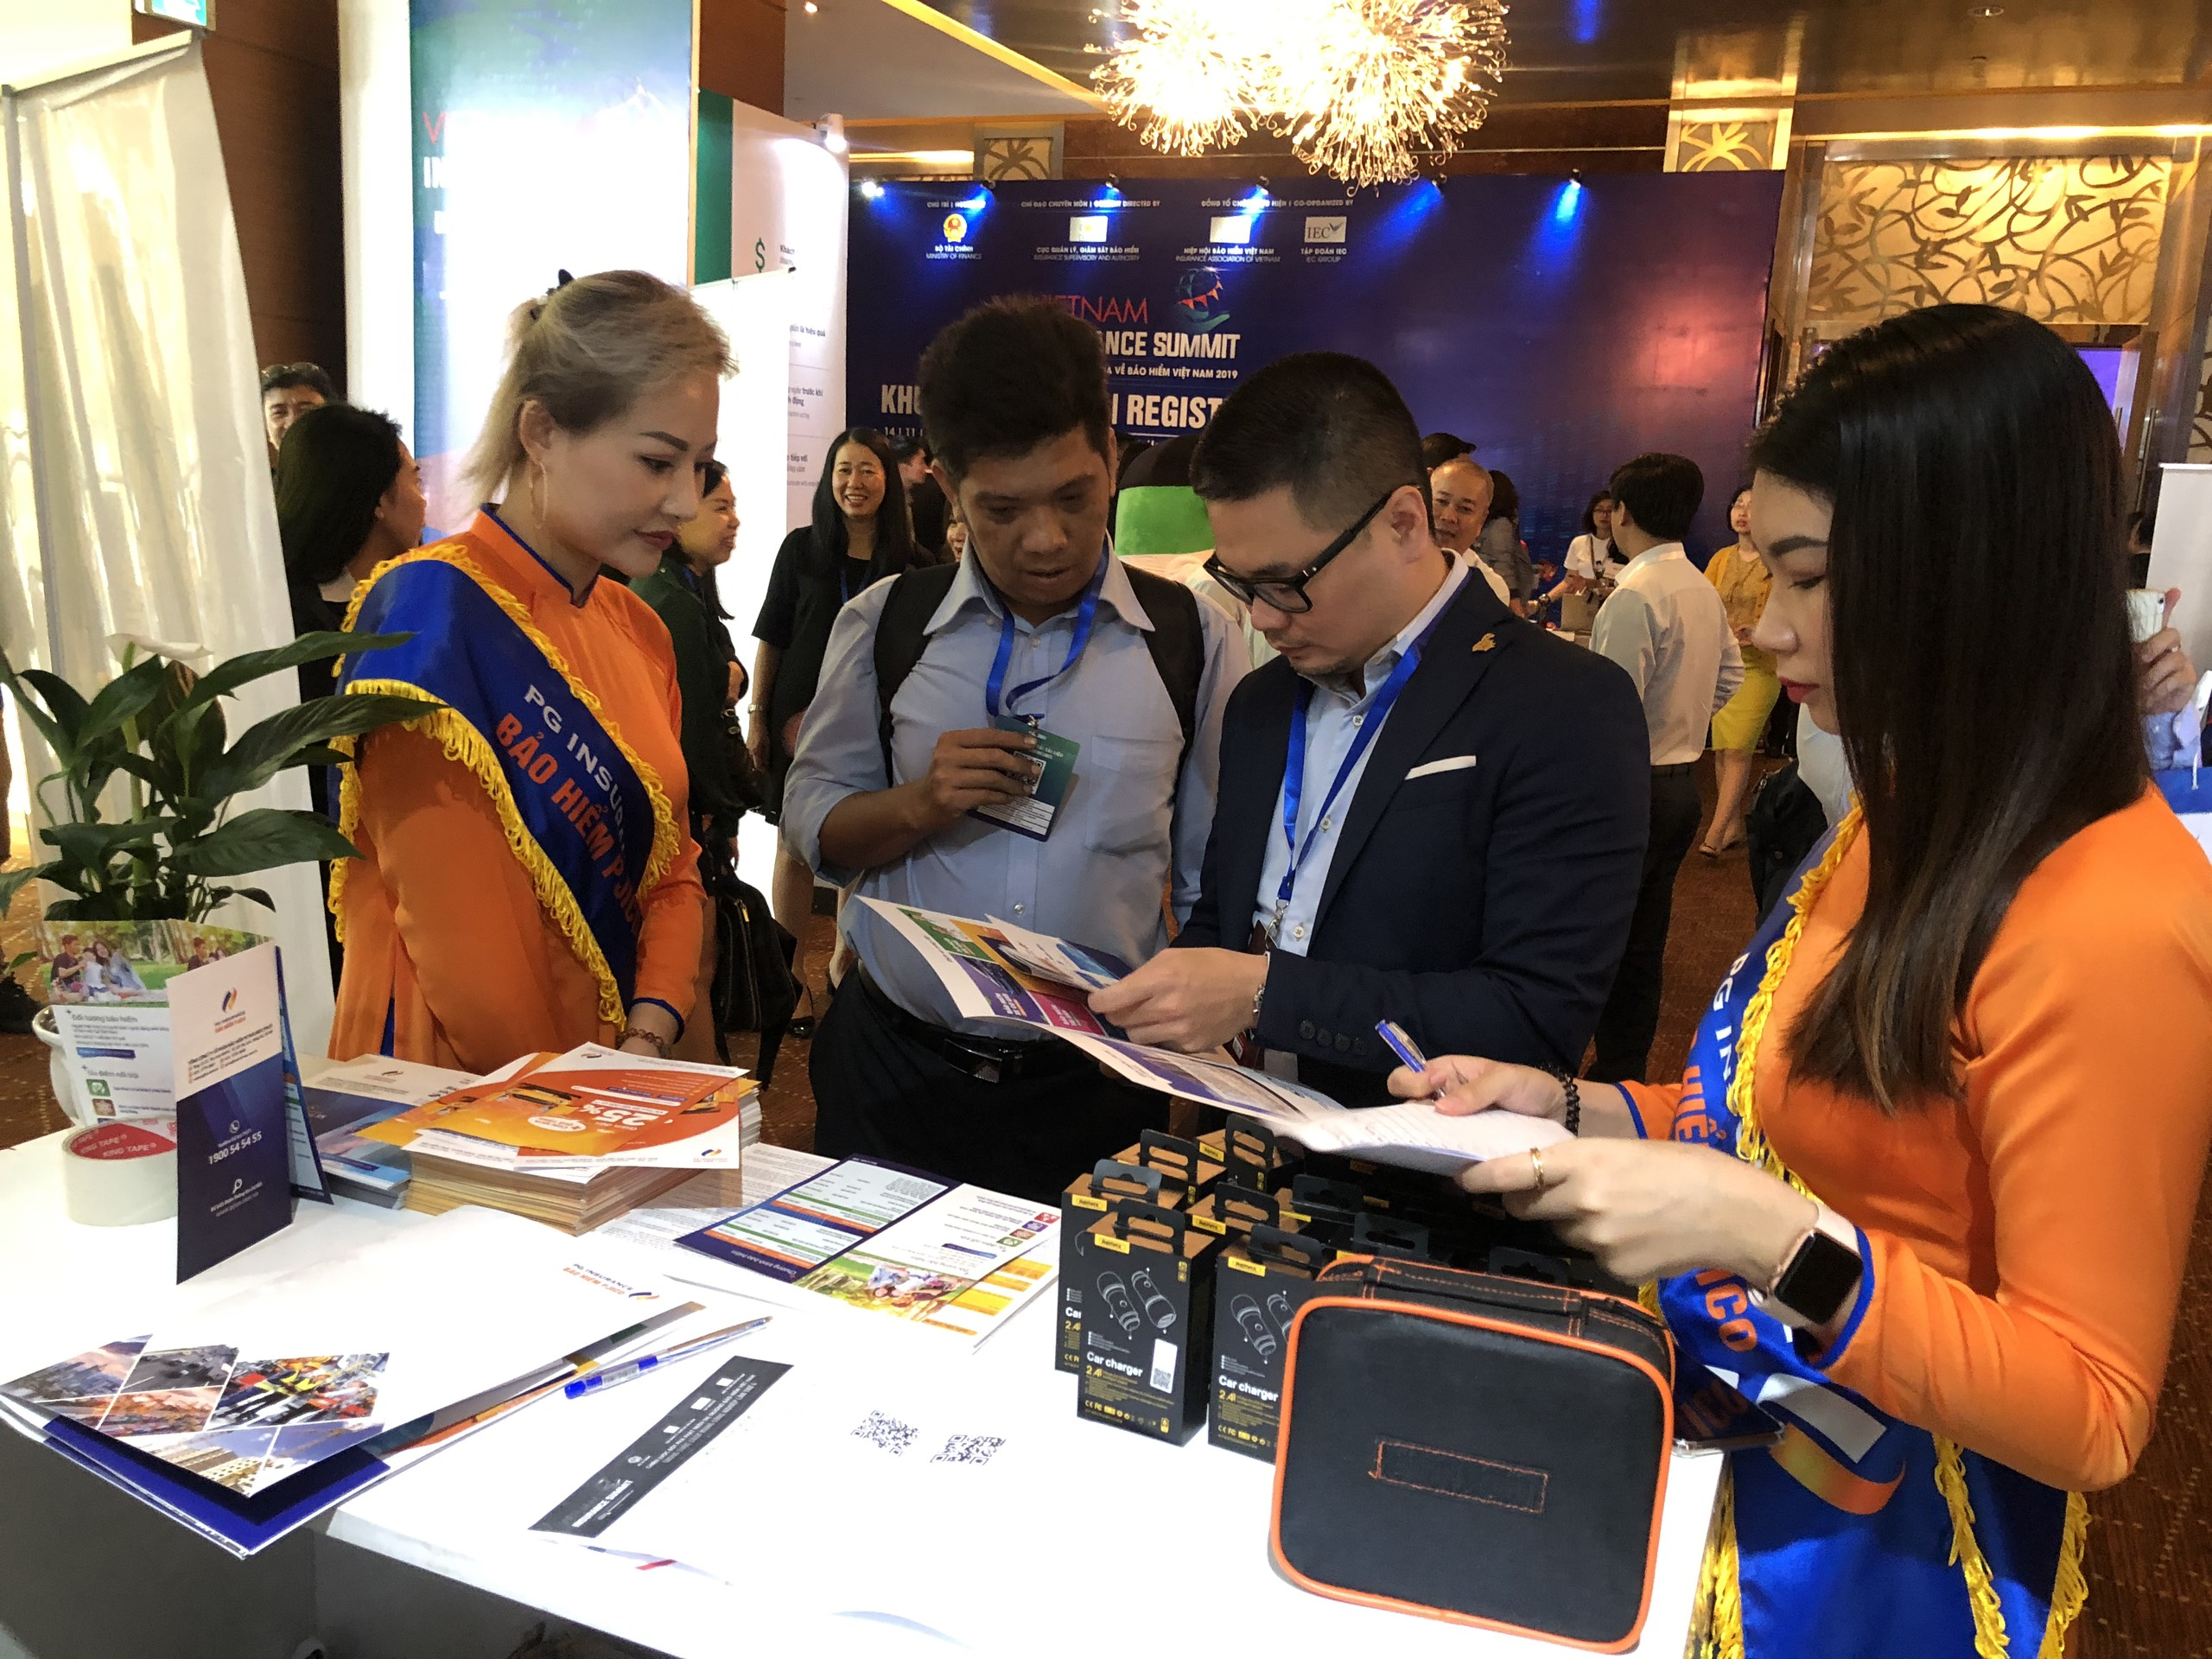 PJICO tài trợ tại Triển lãm bảo hiểm Việt Nam 2019